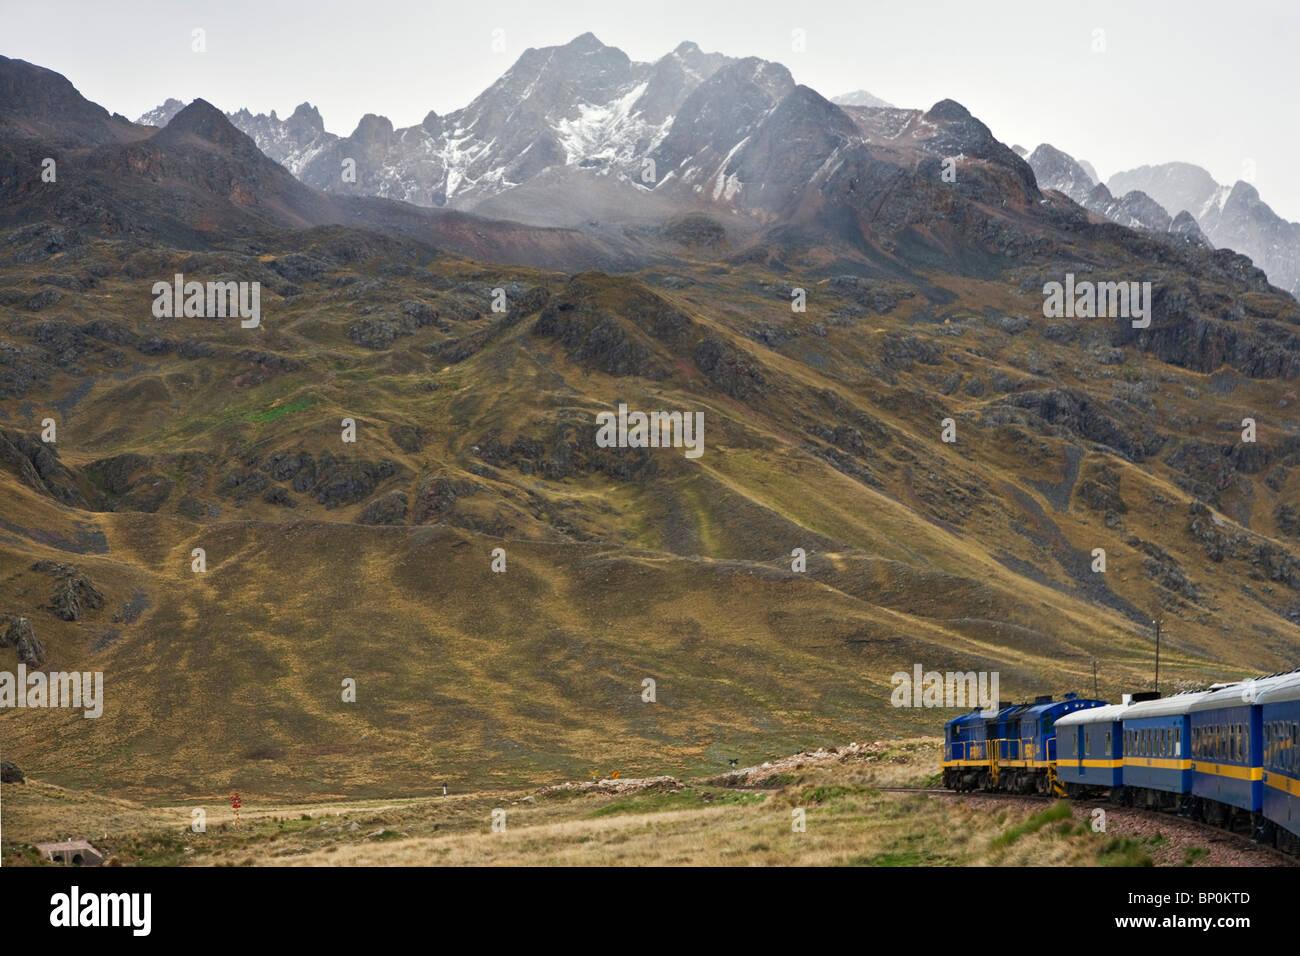 Peru, Landschaft in den hohen Anden aus dem Komfort von Andean Explorer express Zug Cusco nach Puno. Stockbild